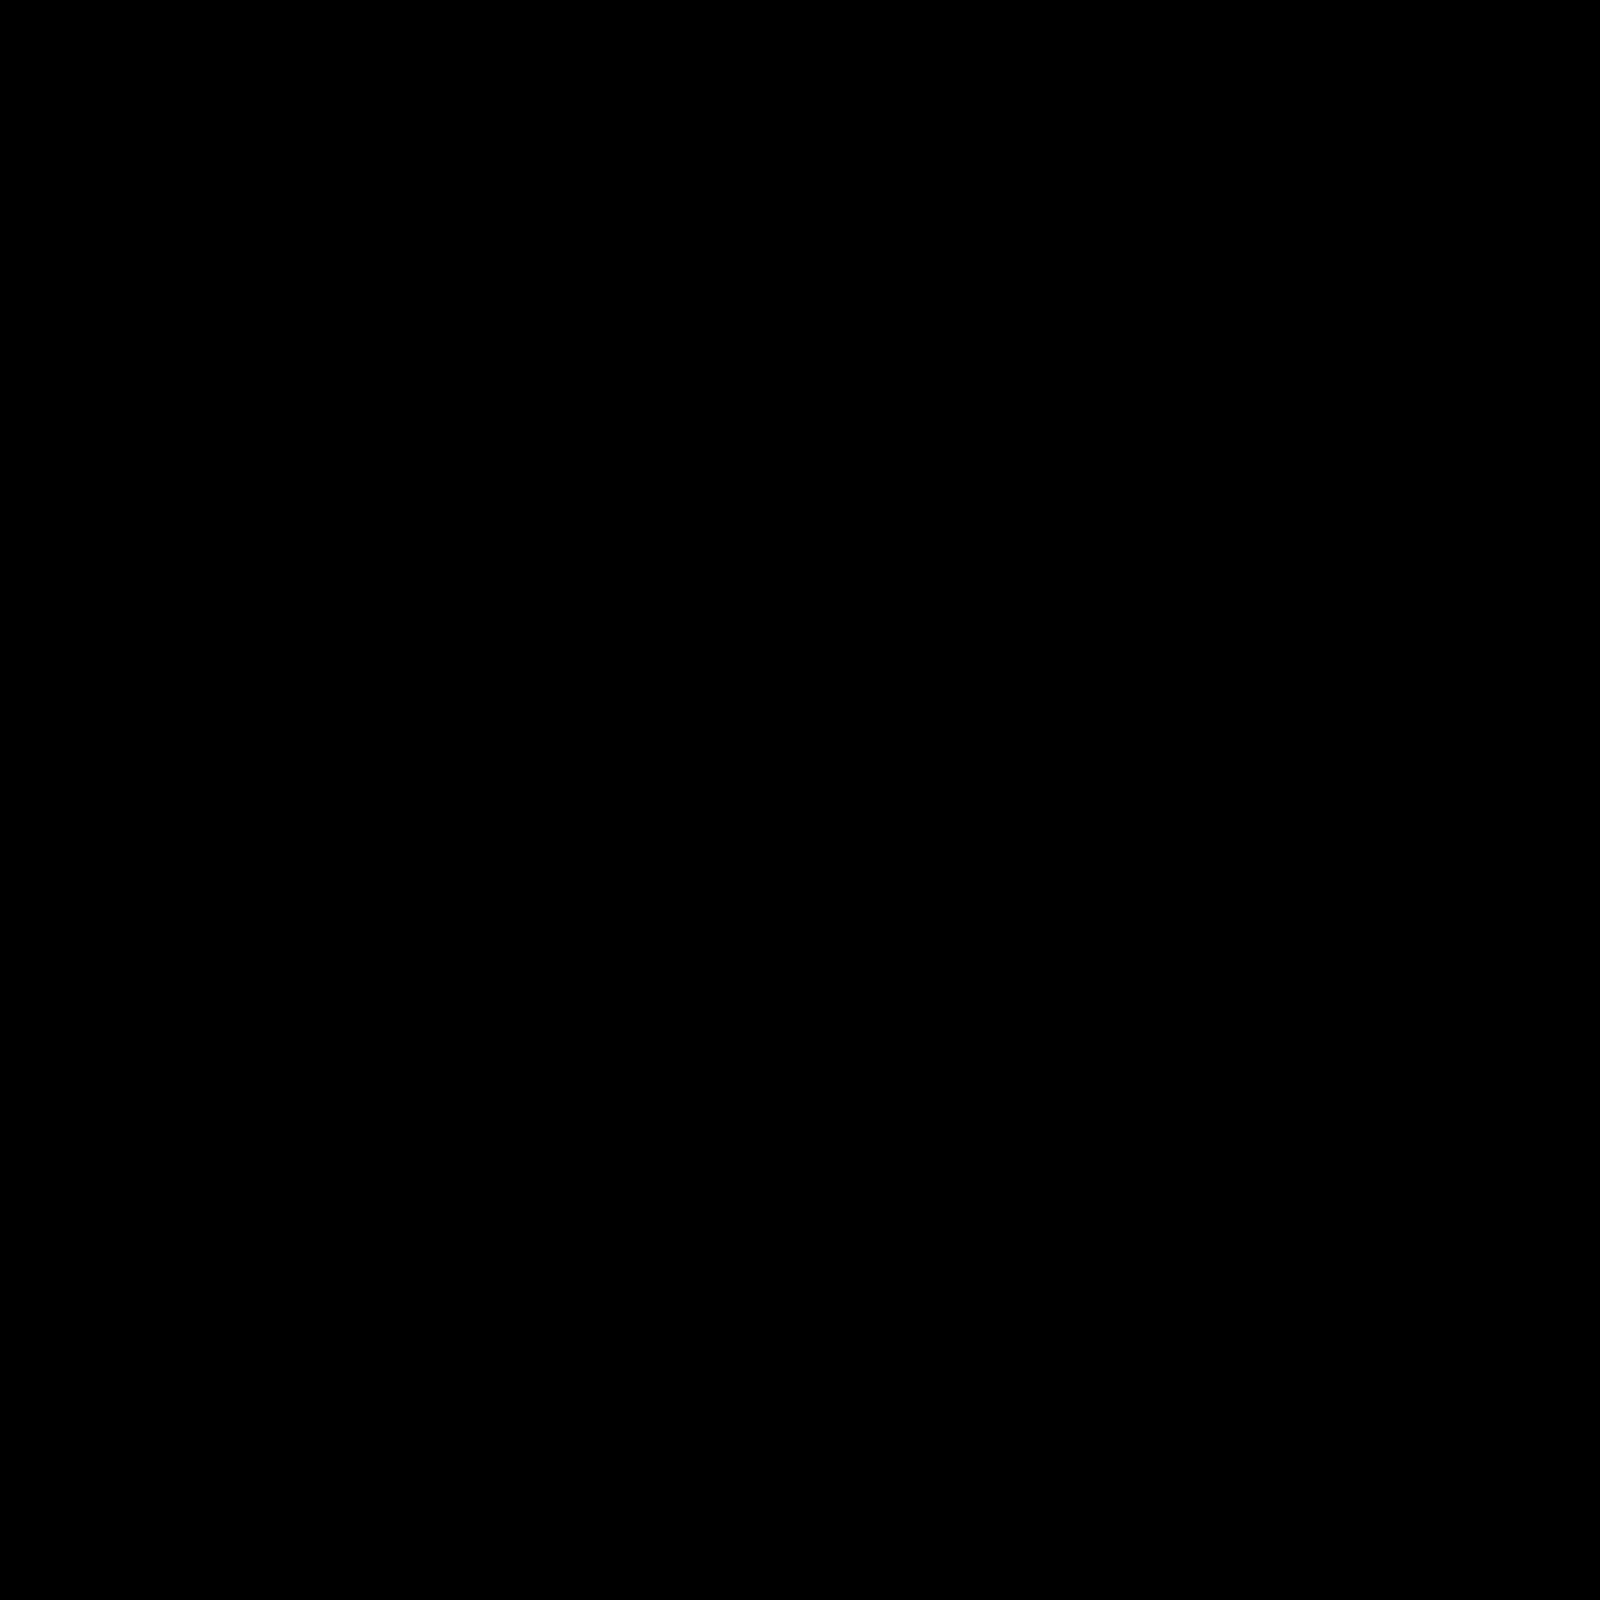 32-bitowy icon